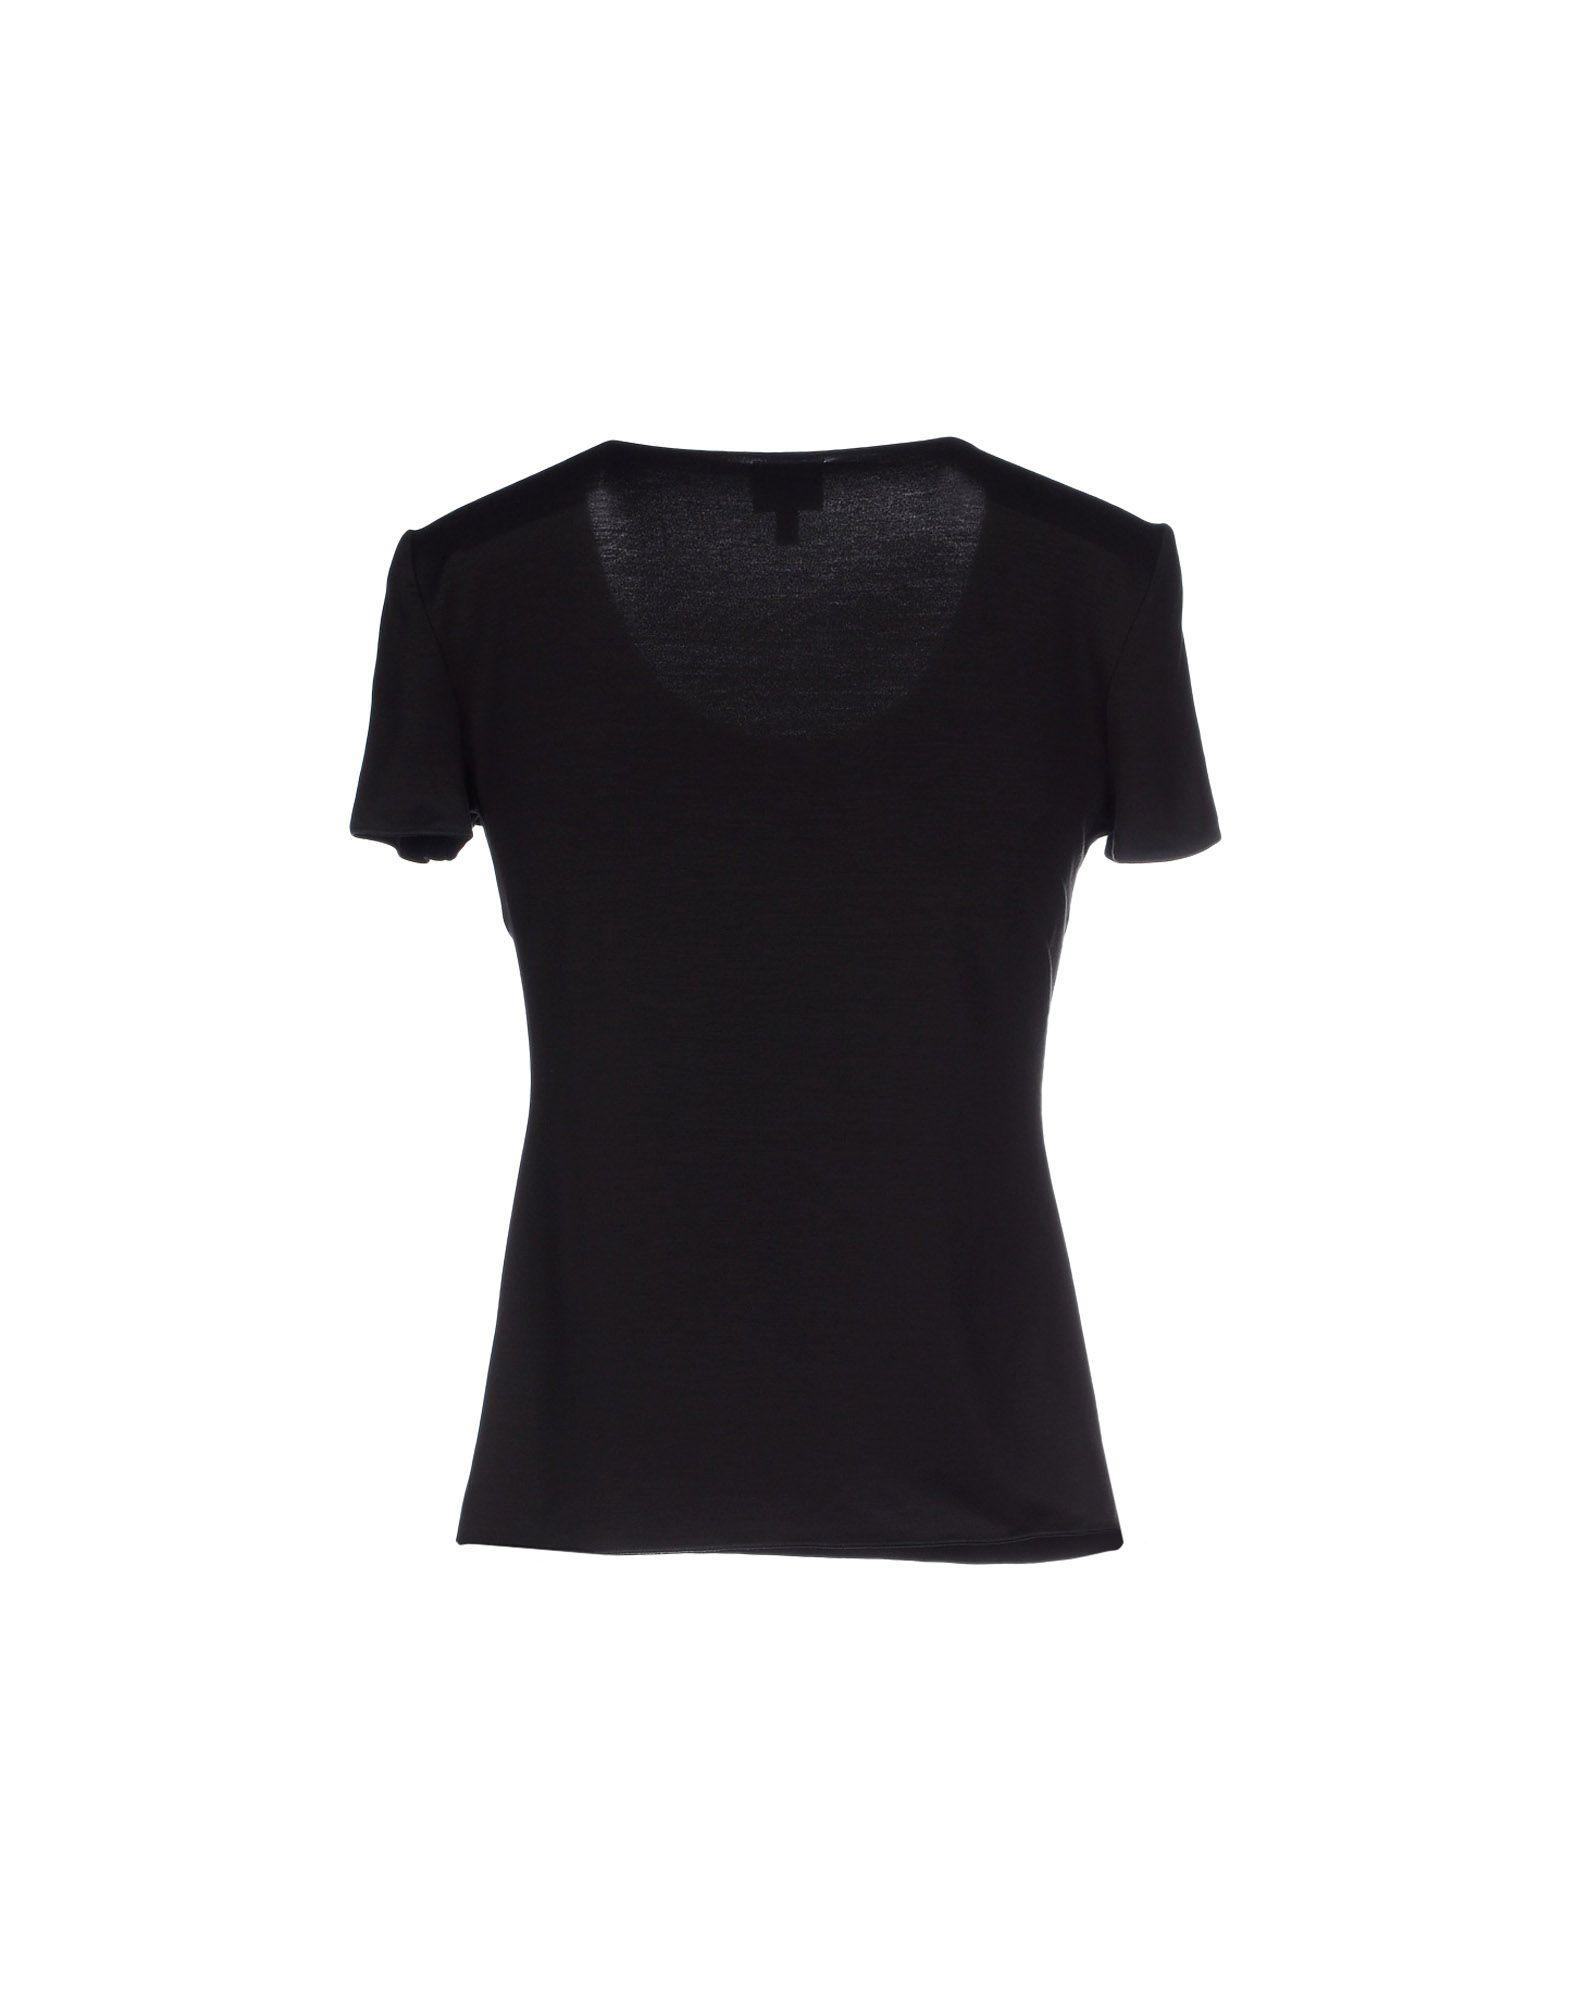 Armani t shirt in black lyst for Black armani t shirt